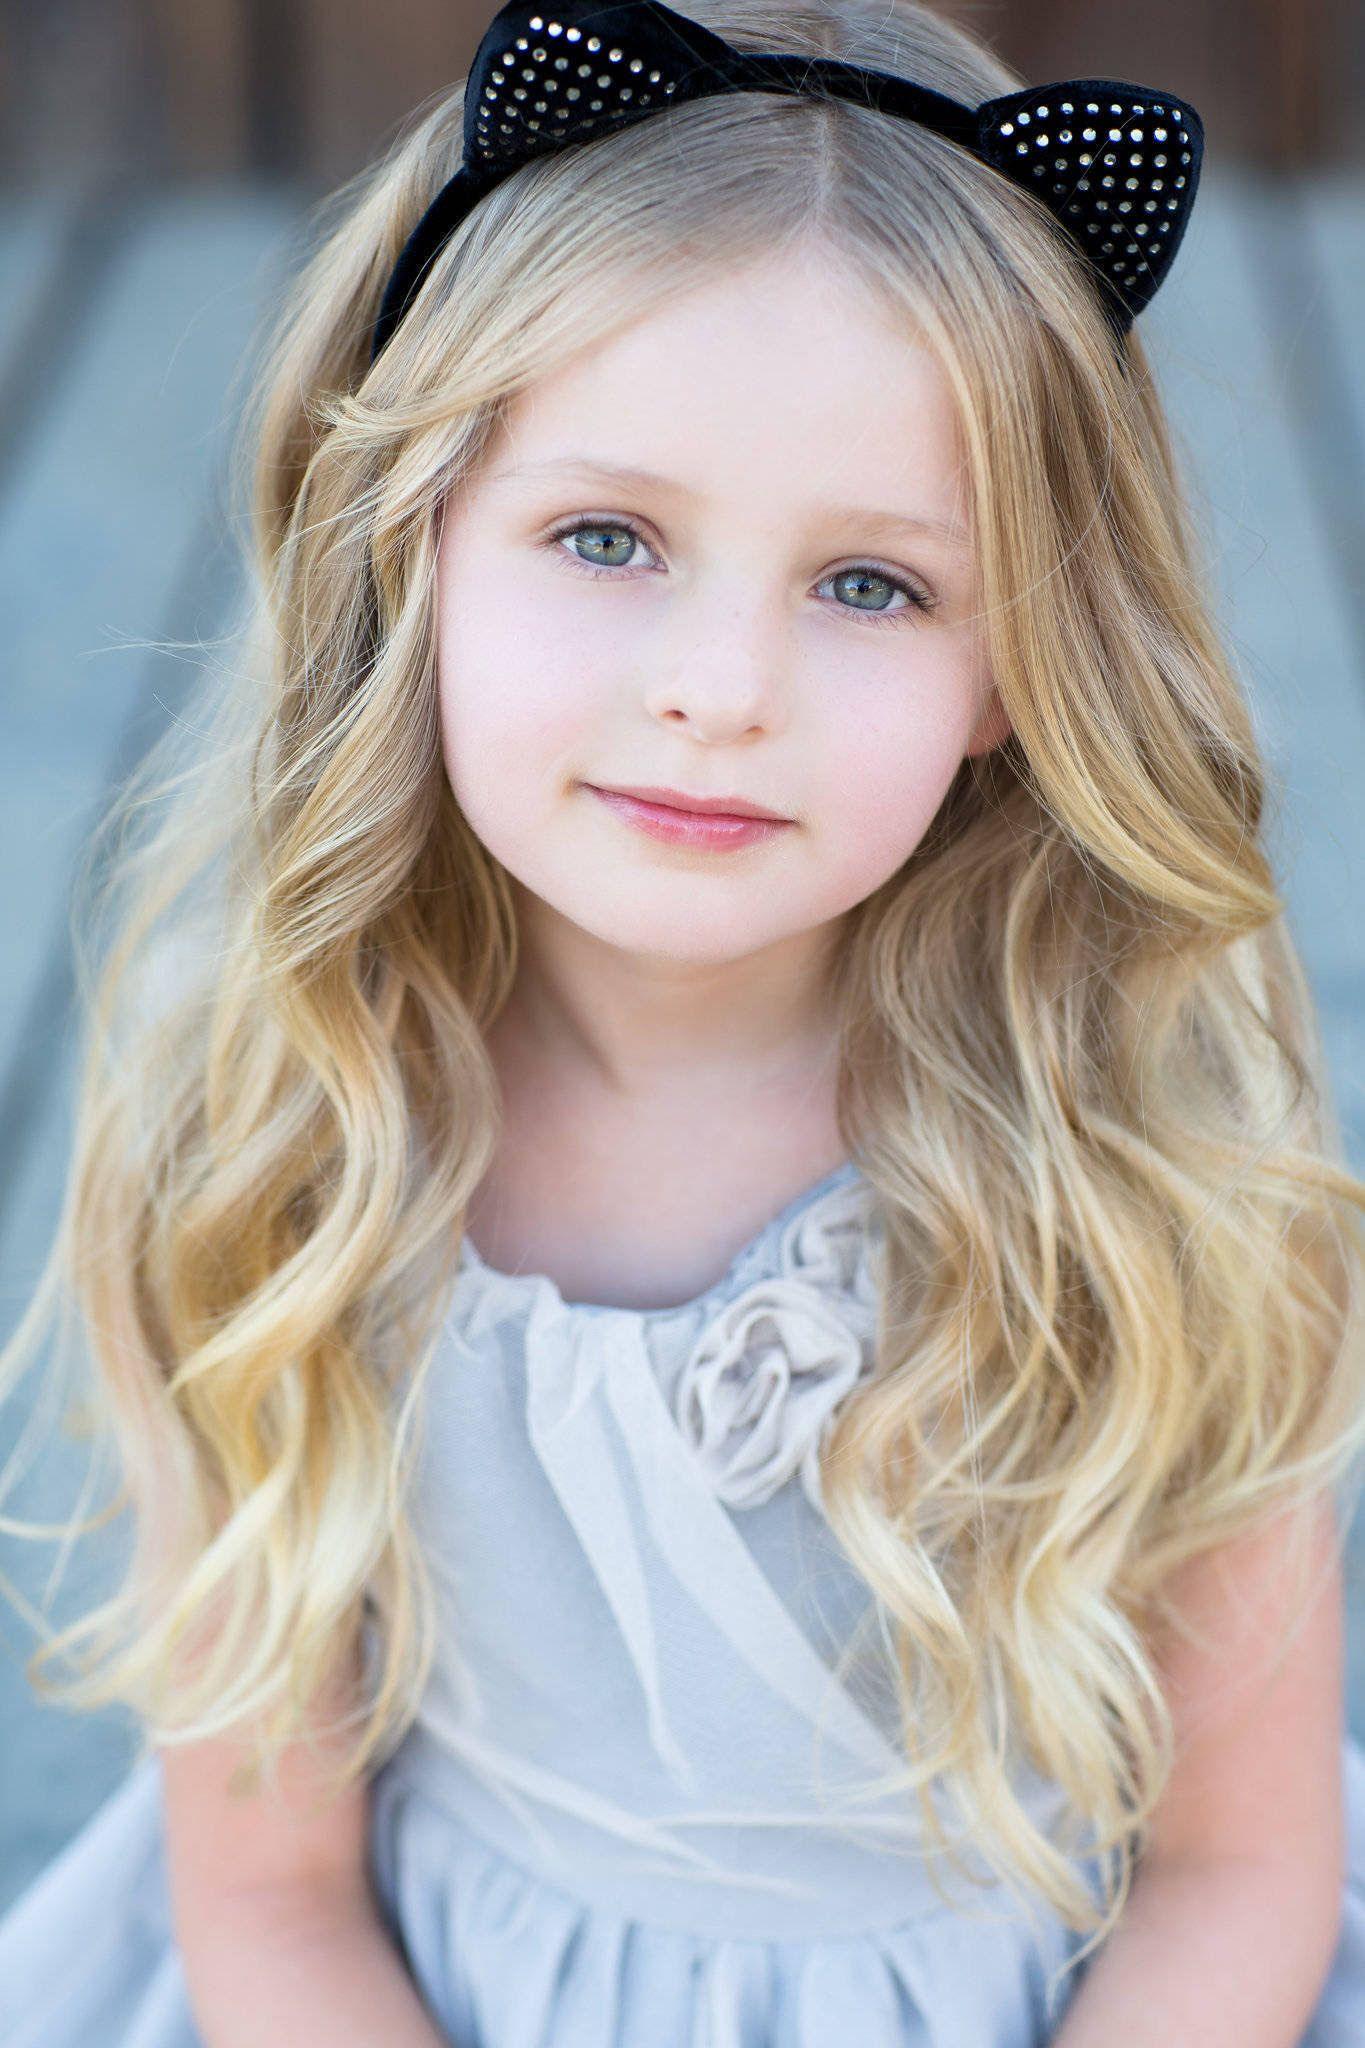 Les plus belles (petites) filles du monde Jolies petites